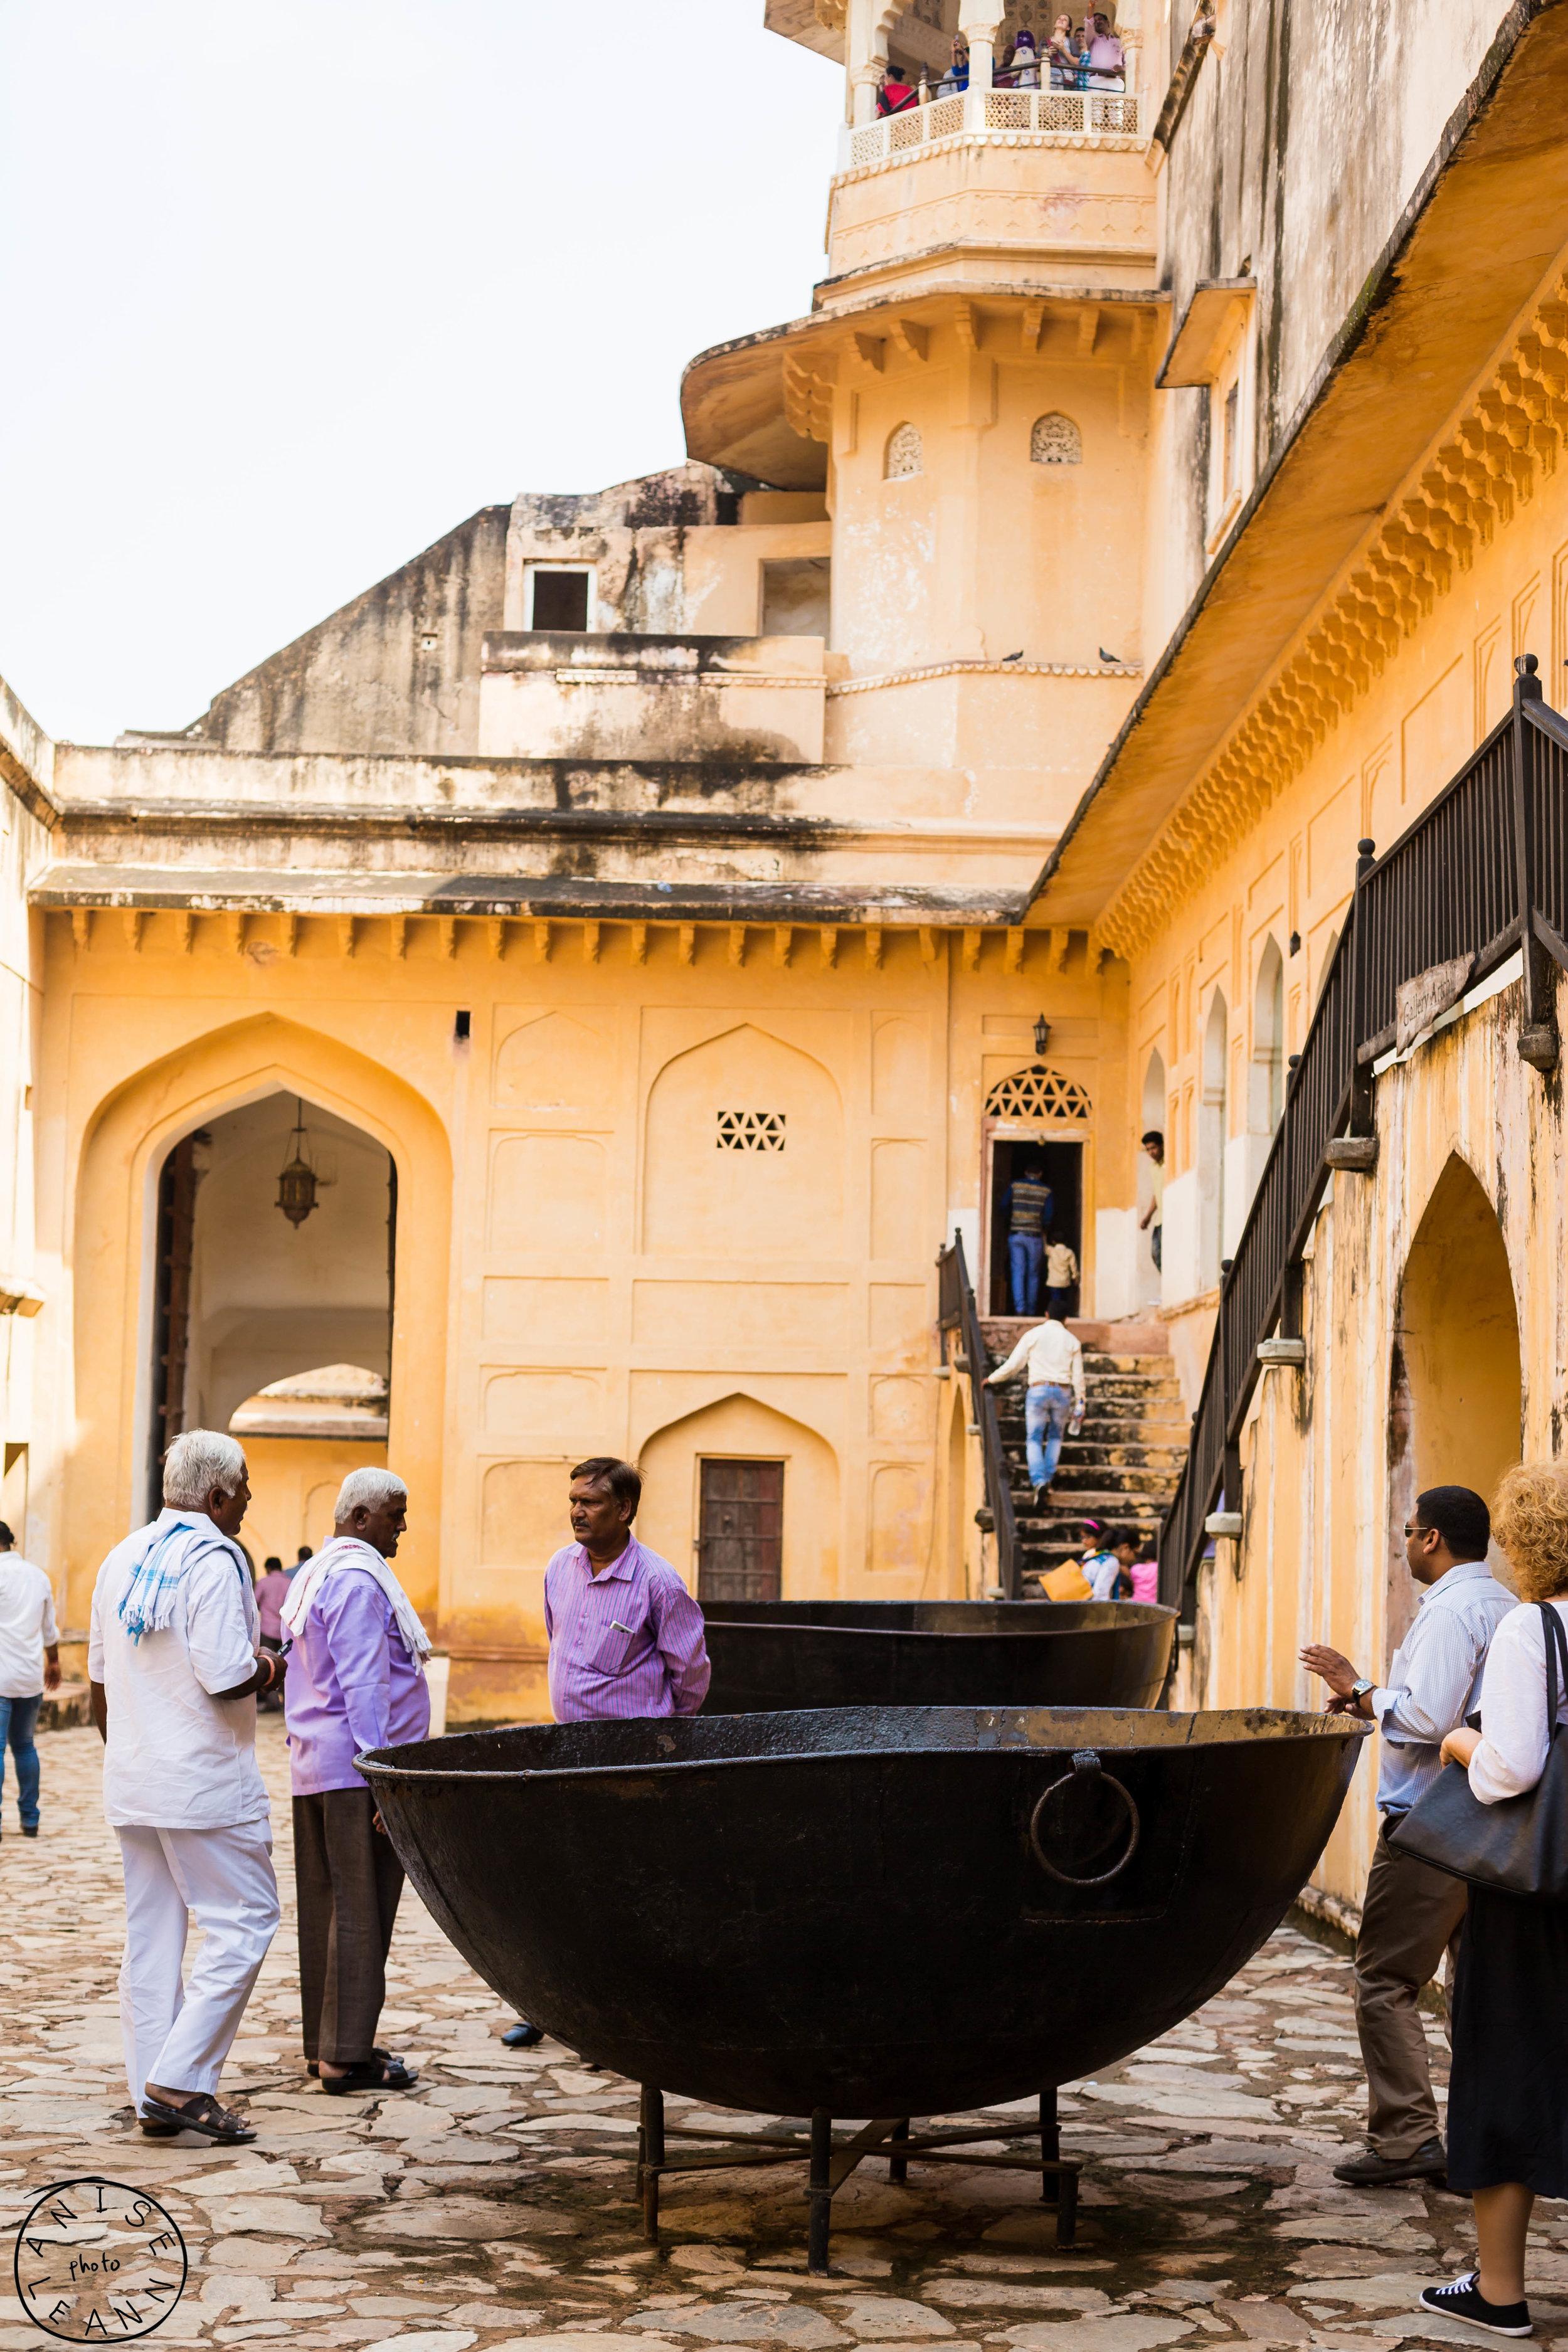 India-Jaipur-Day2-79.jpg